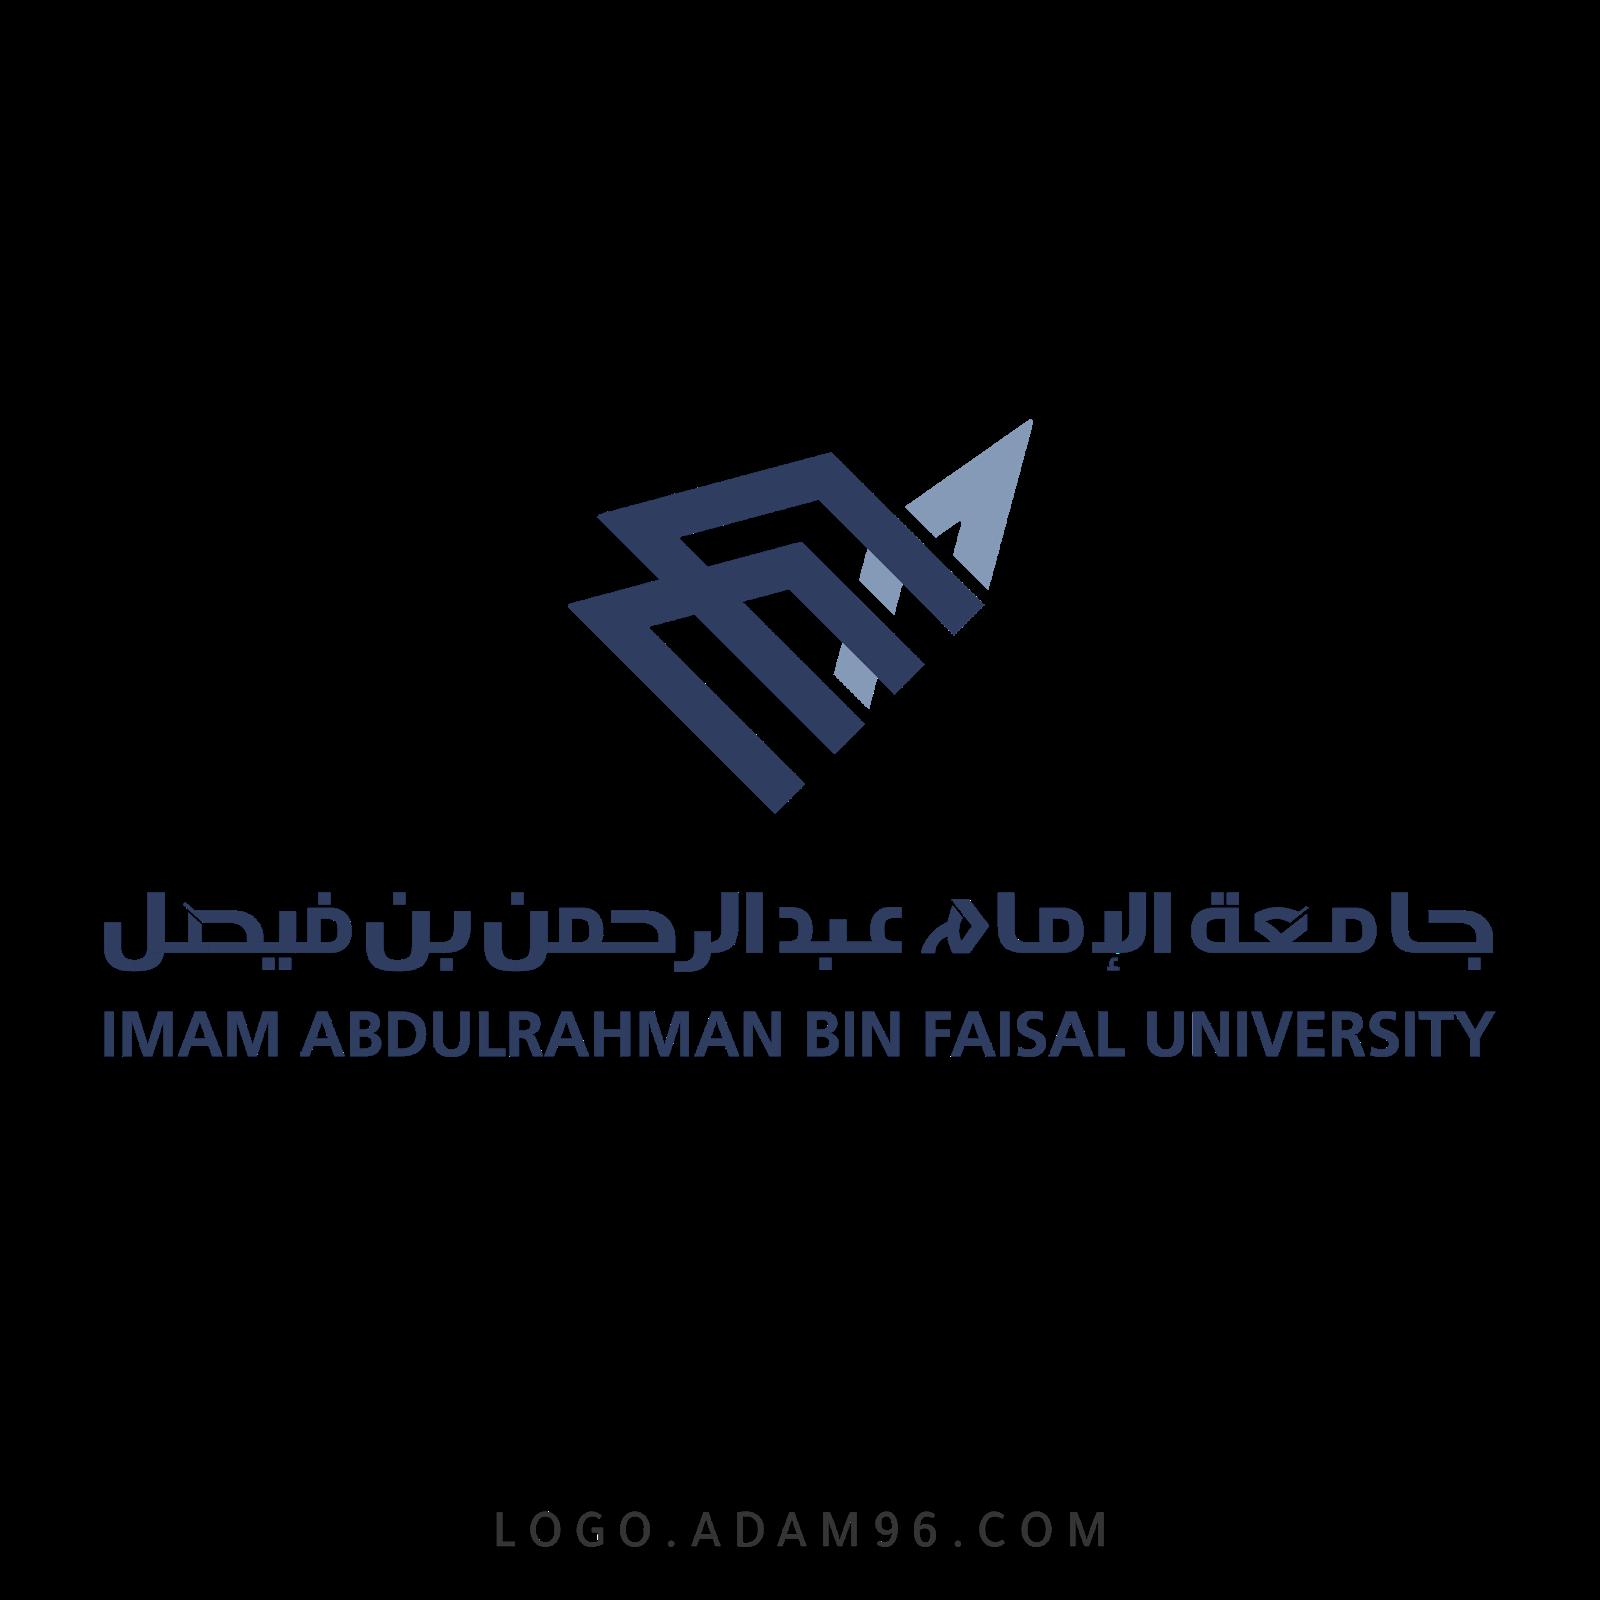 جامعة الامام عبد الرحمن بن فيصل